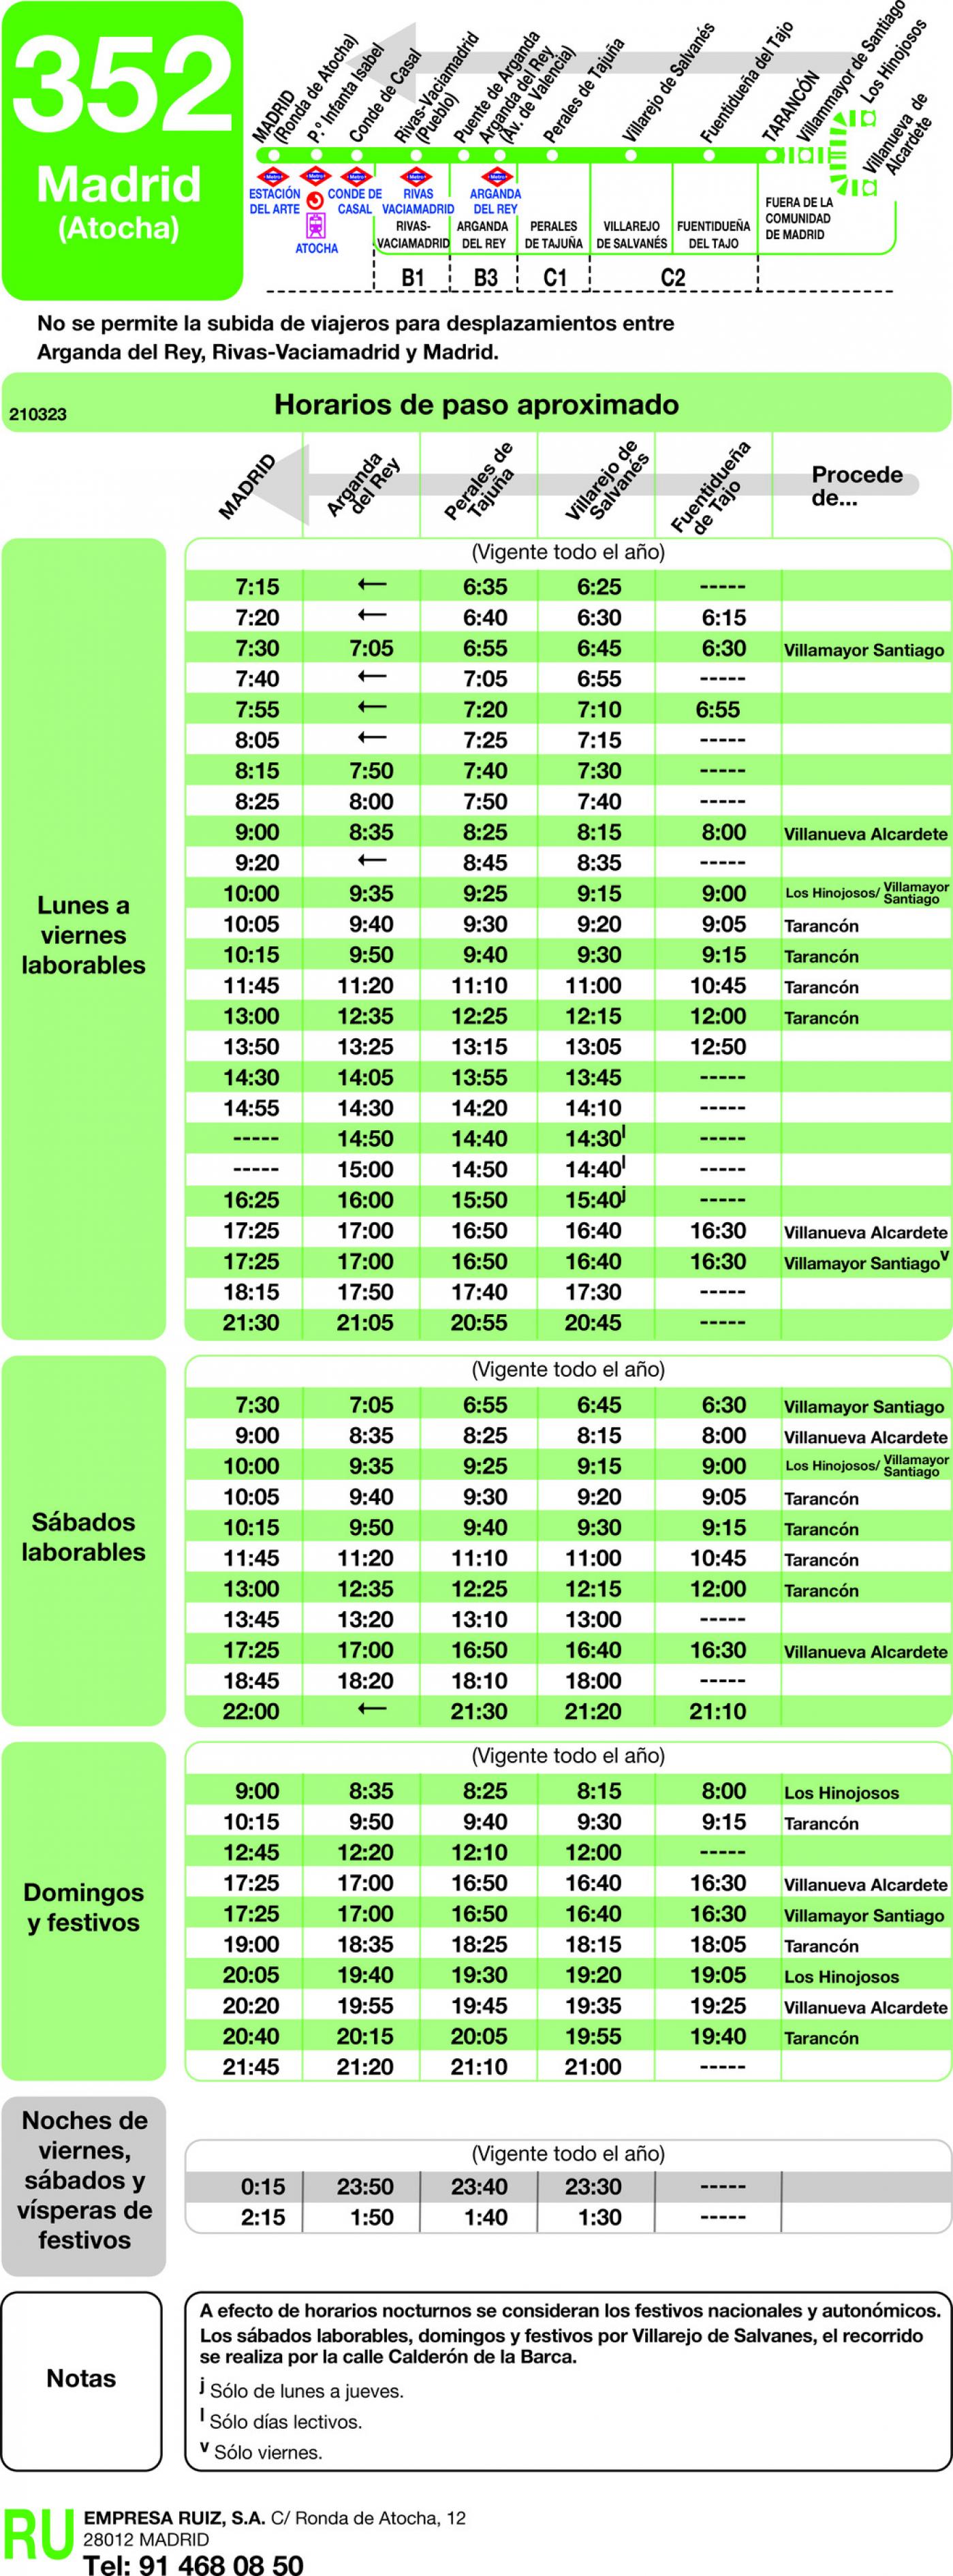 Tabla de horarios y frecuencias de paso en sentido vuelta Línea 352: Madrid (Ronda Atocha) - Fuentidueña - Tarancon